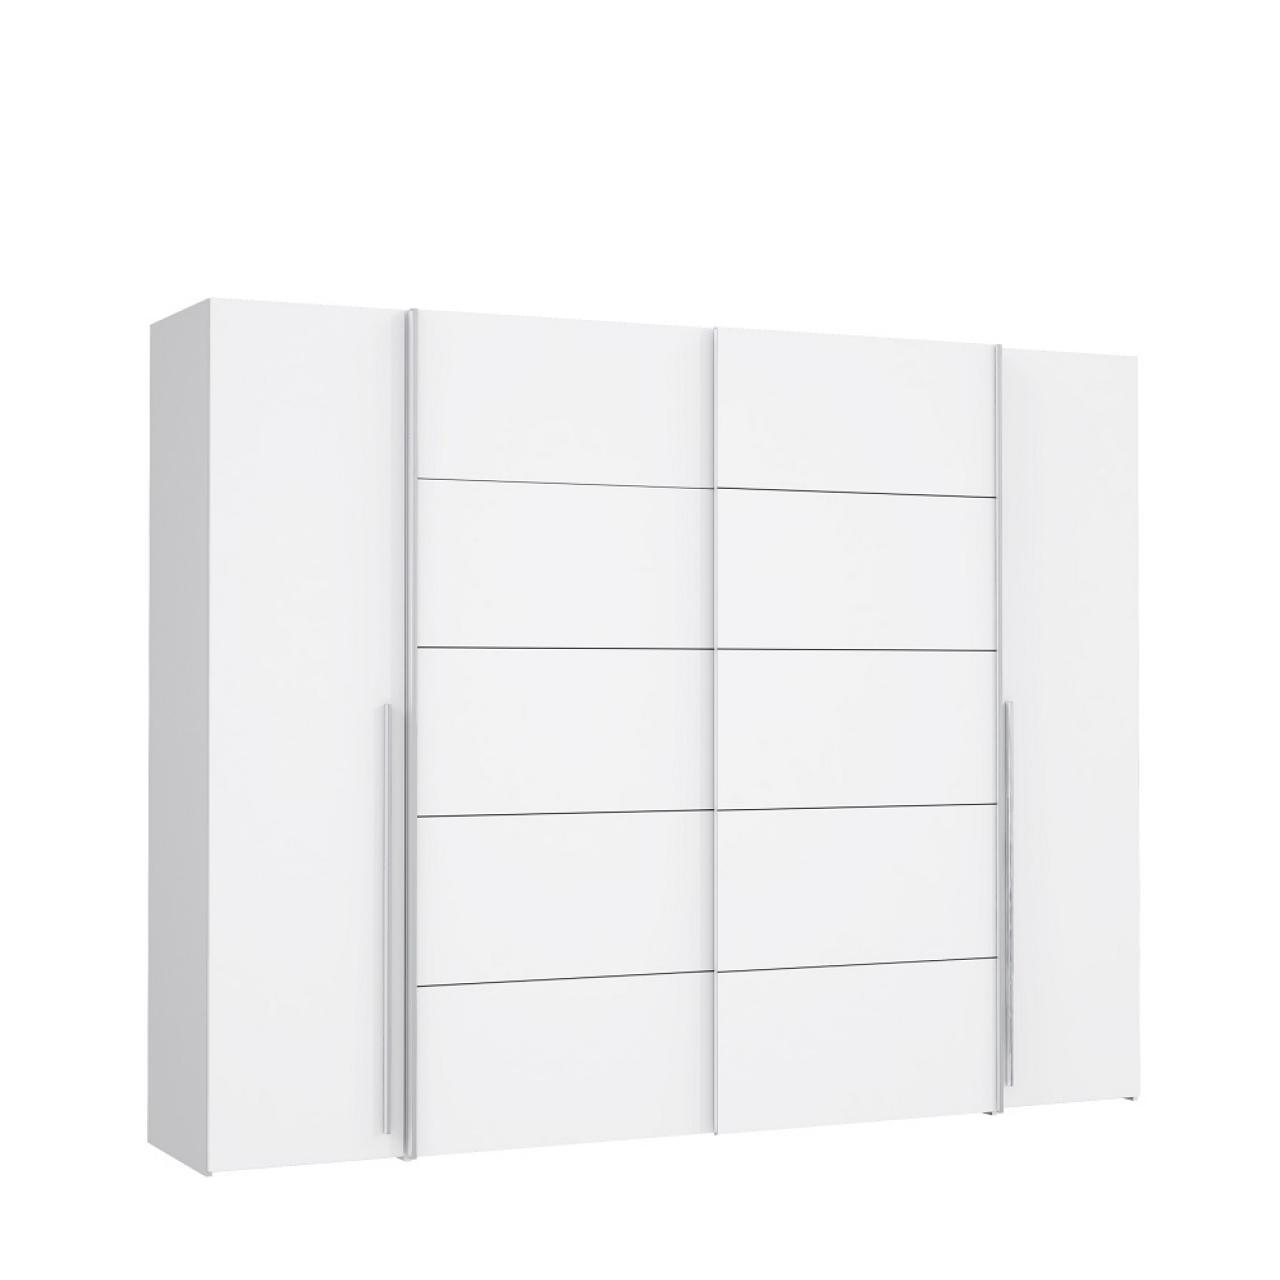 Kleiderschrank Narago Weiß 2 Schwebetüren 2 Drehtüren 8 Böden MDF Schrank